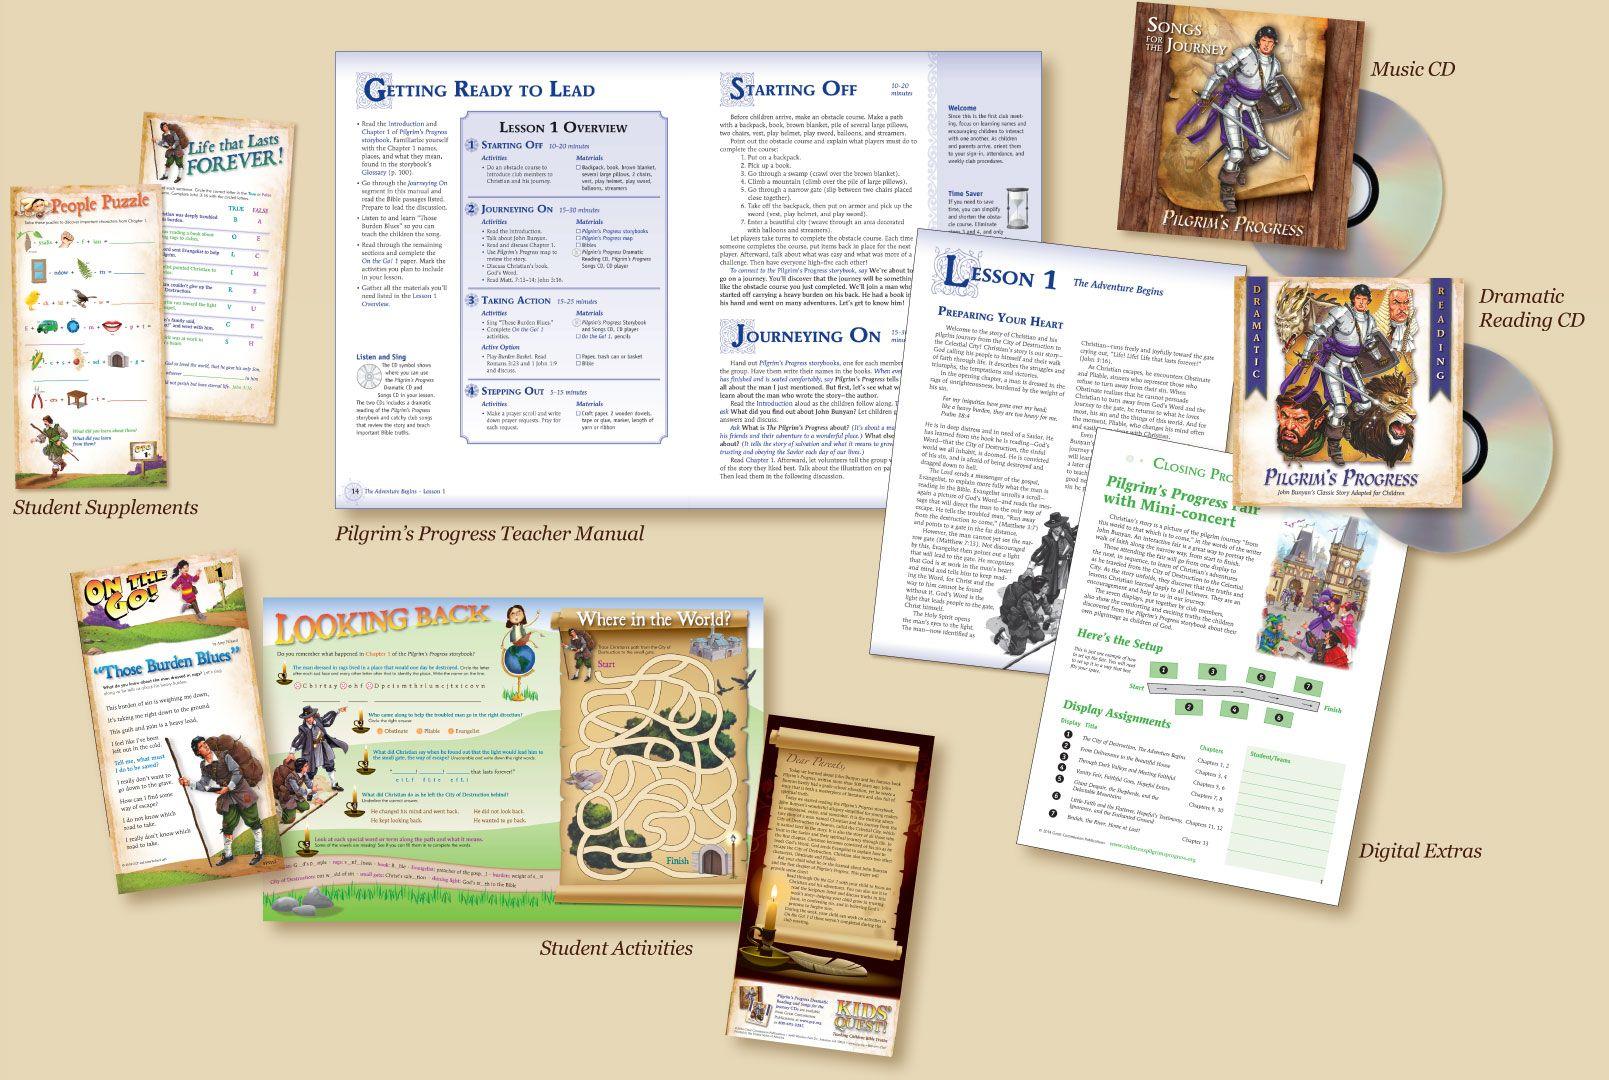 Pilgrims Progress Curriculum